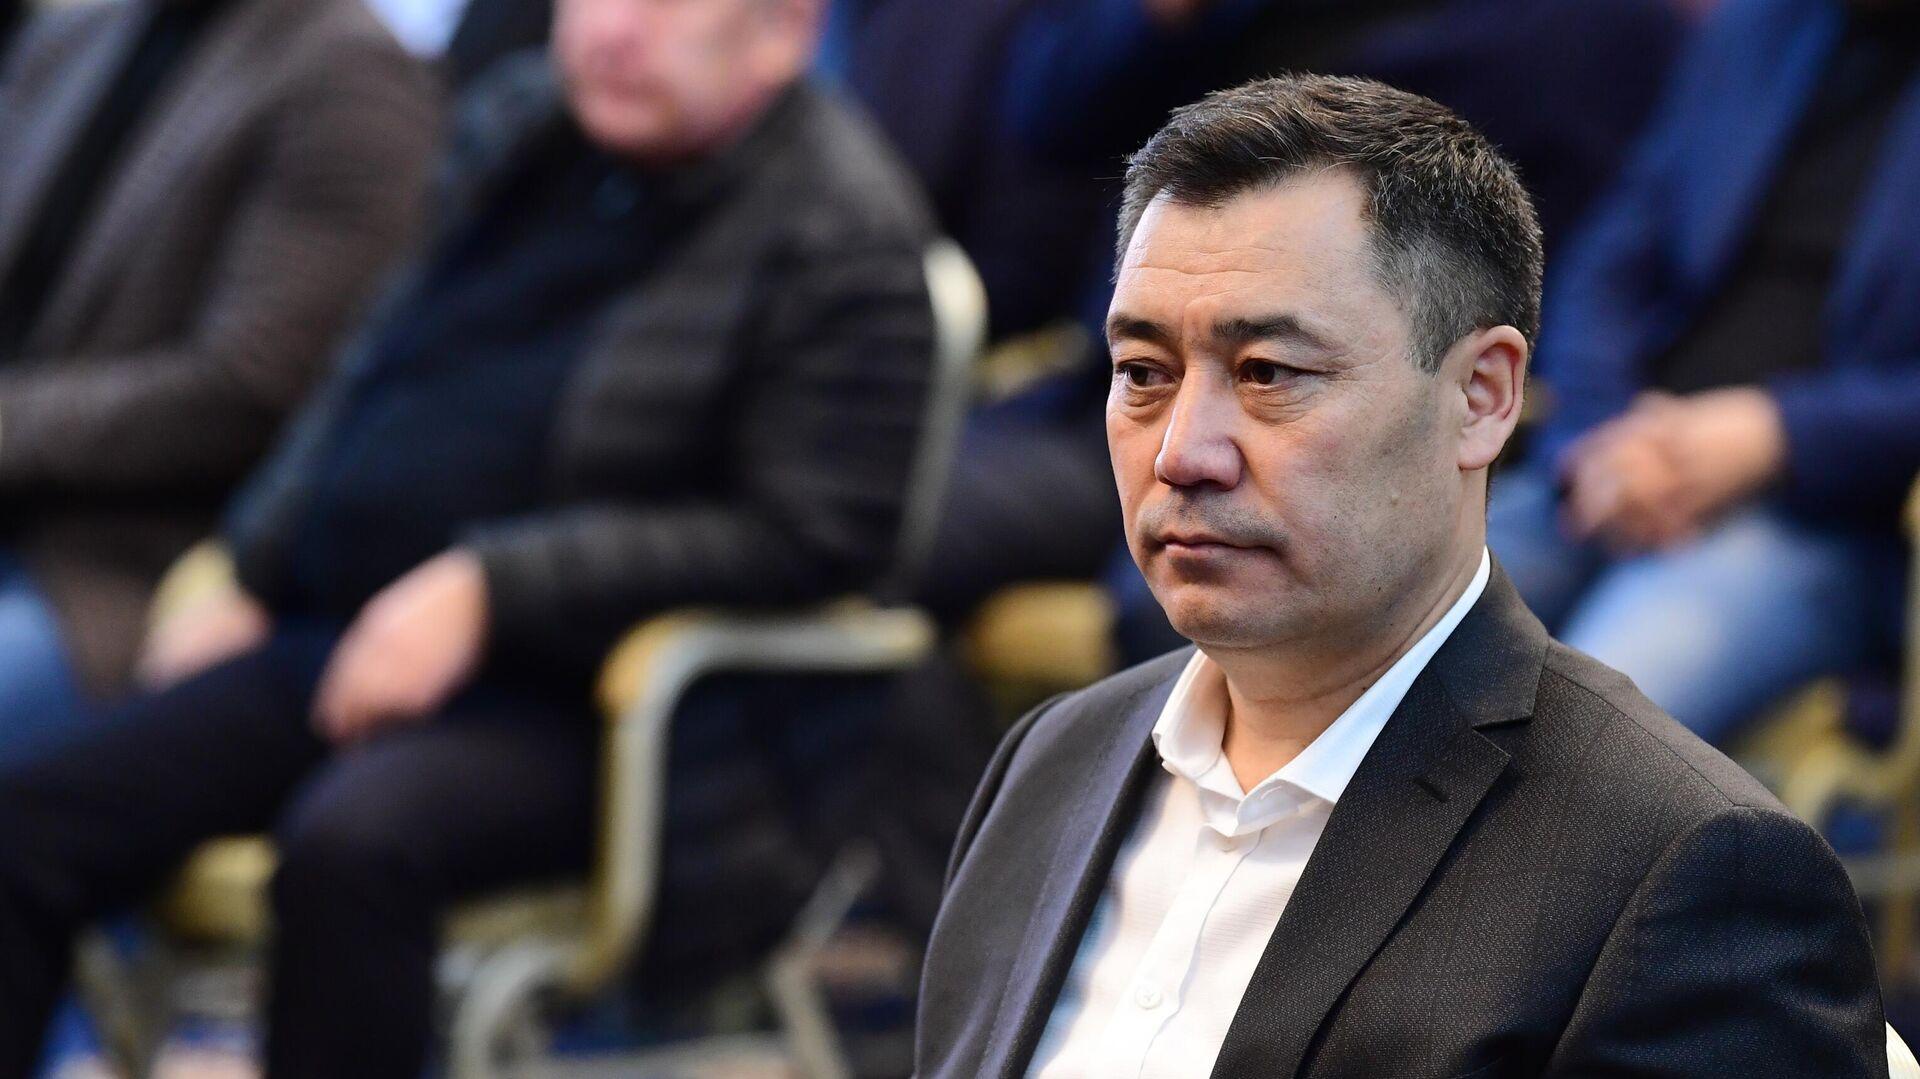 Кандидат на пост премьер-министра Садыр Жапаров на внеочередном заседании парламента Киргизии - РИА Новости, 1920, 10.10.2020